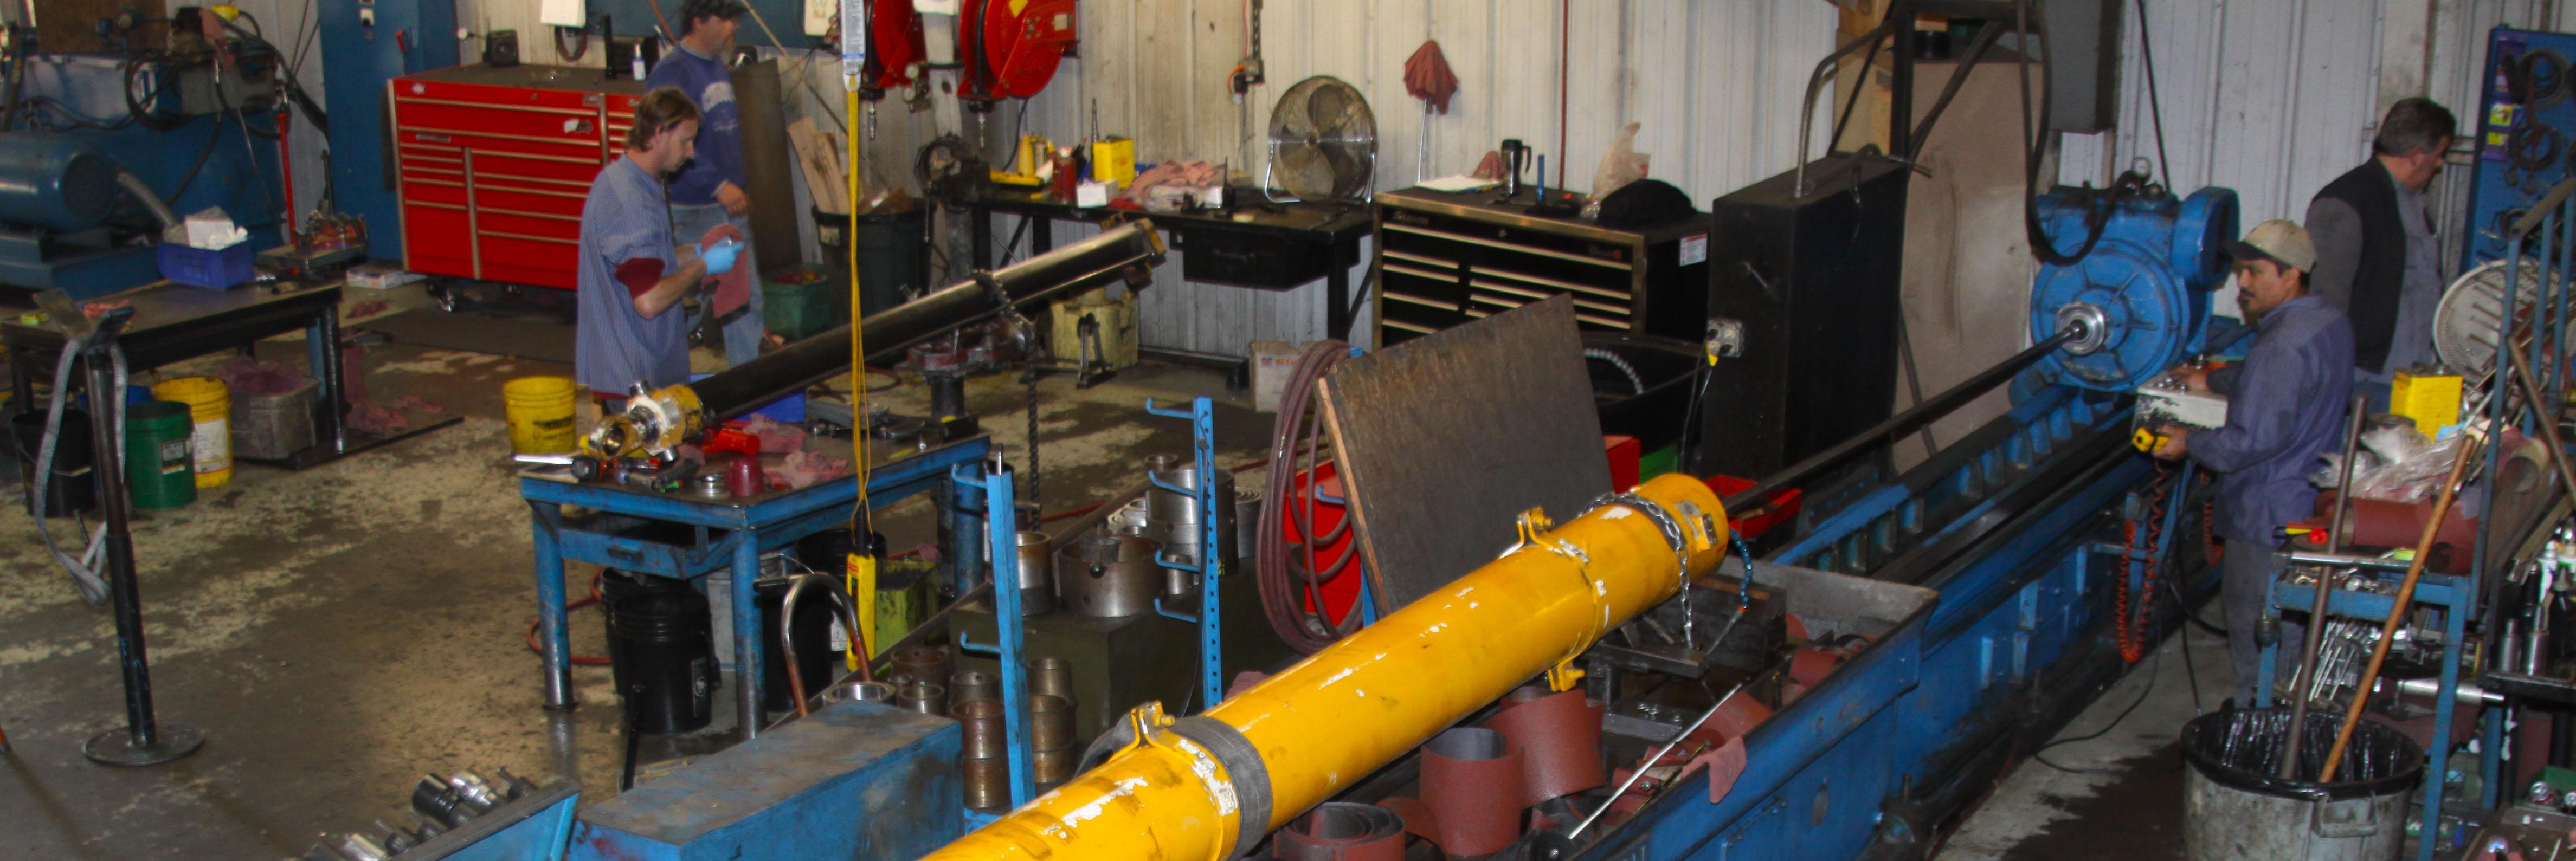 hydraulics teamwork